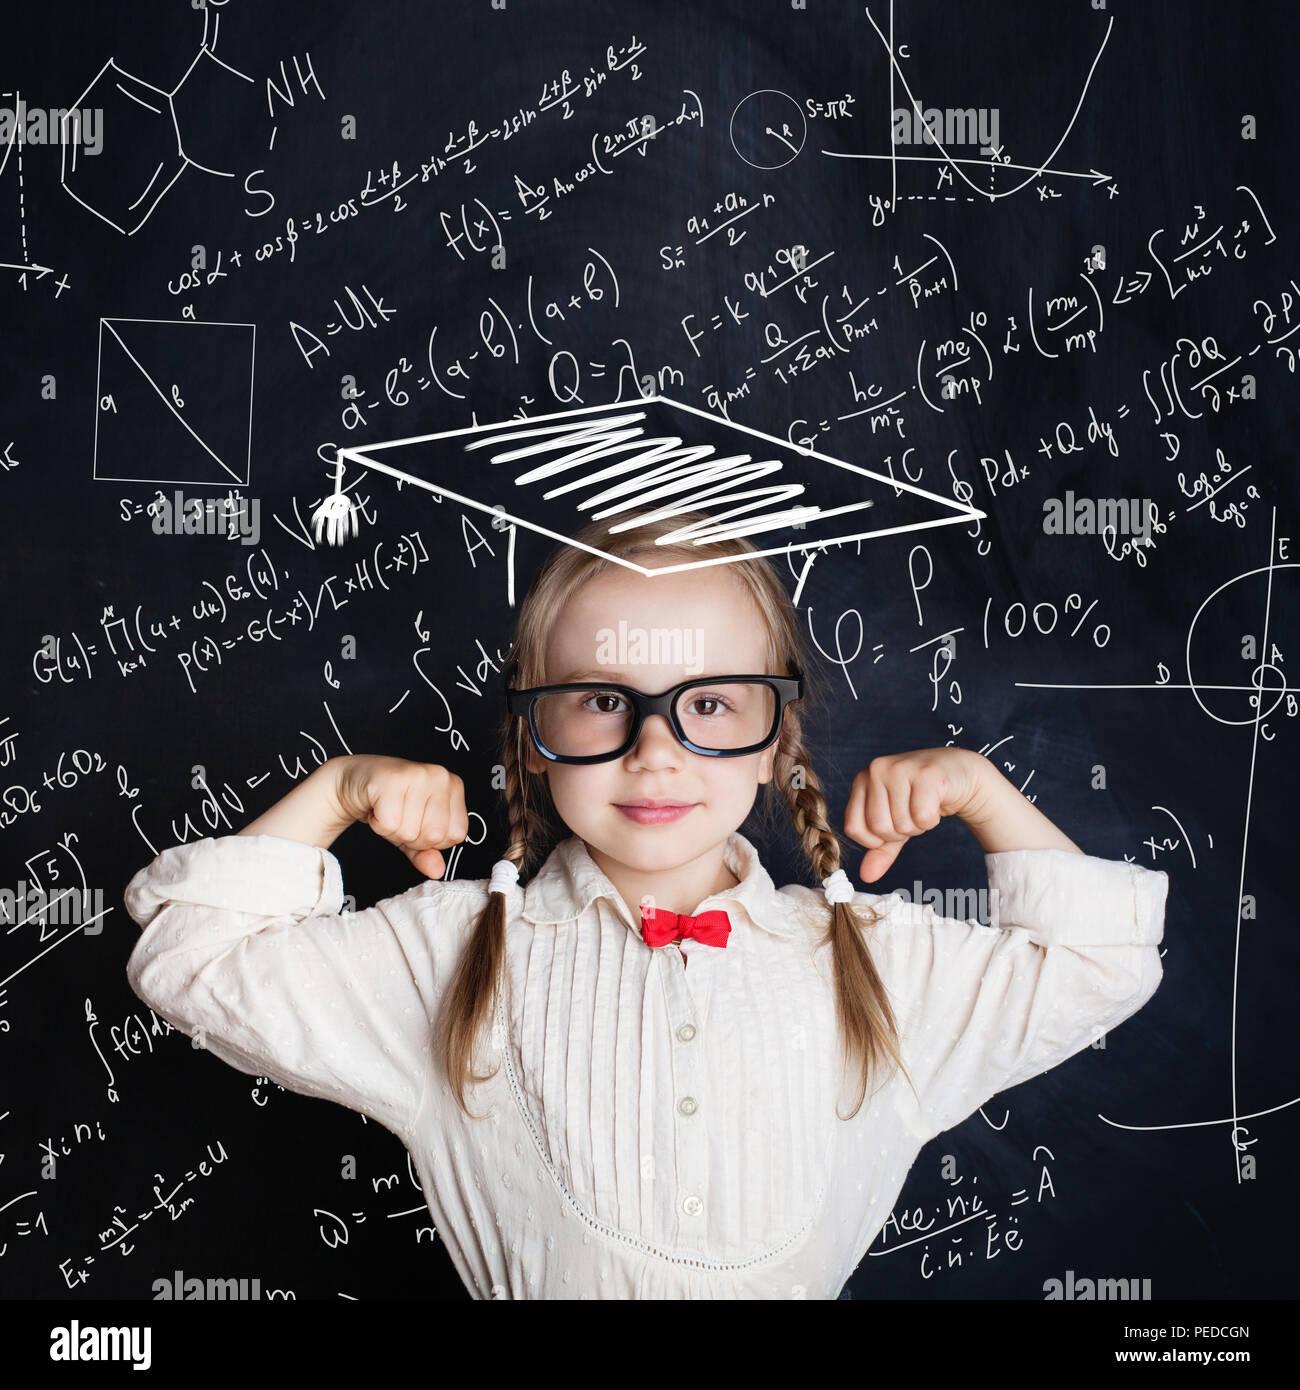 Pequeño genio de dibujos a mano femenina infantil de ciencias matemáticas fórmula patrón. Concepto de educación matemática para niños Imagen De Stock